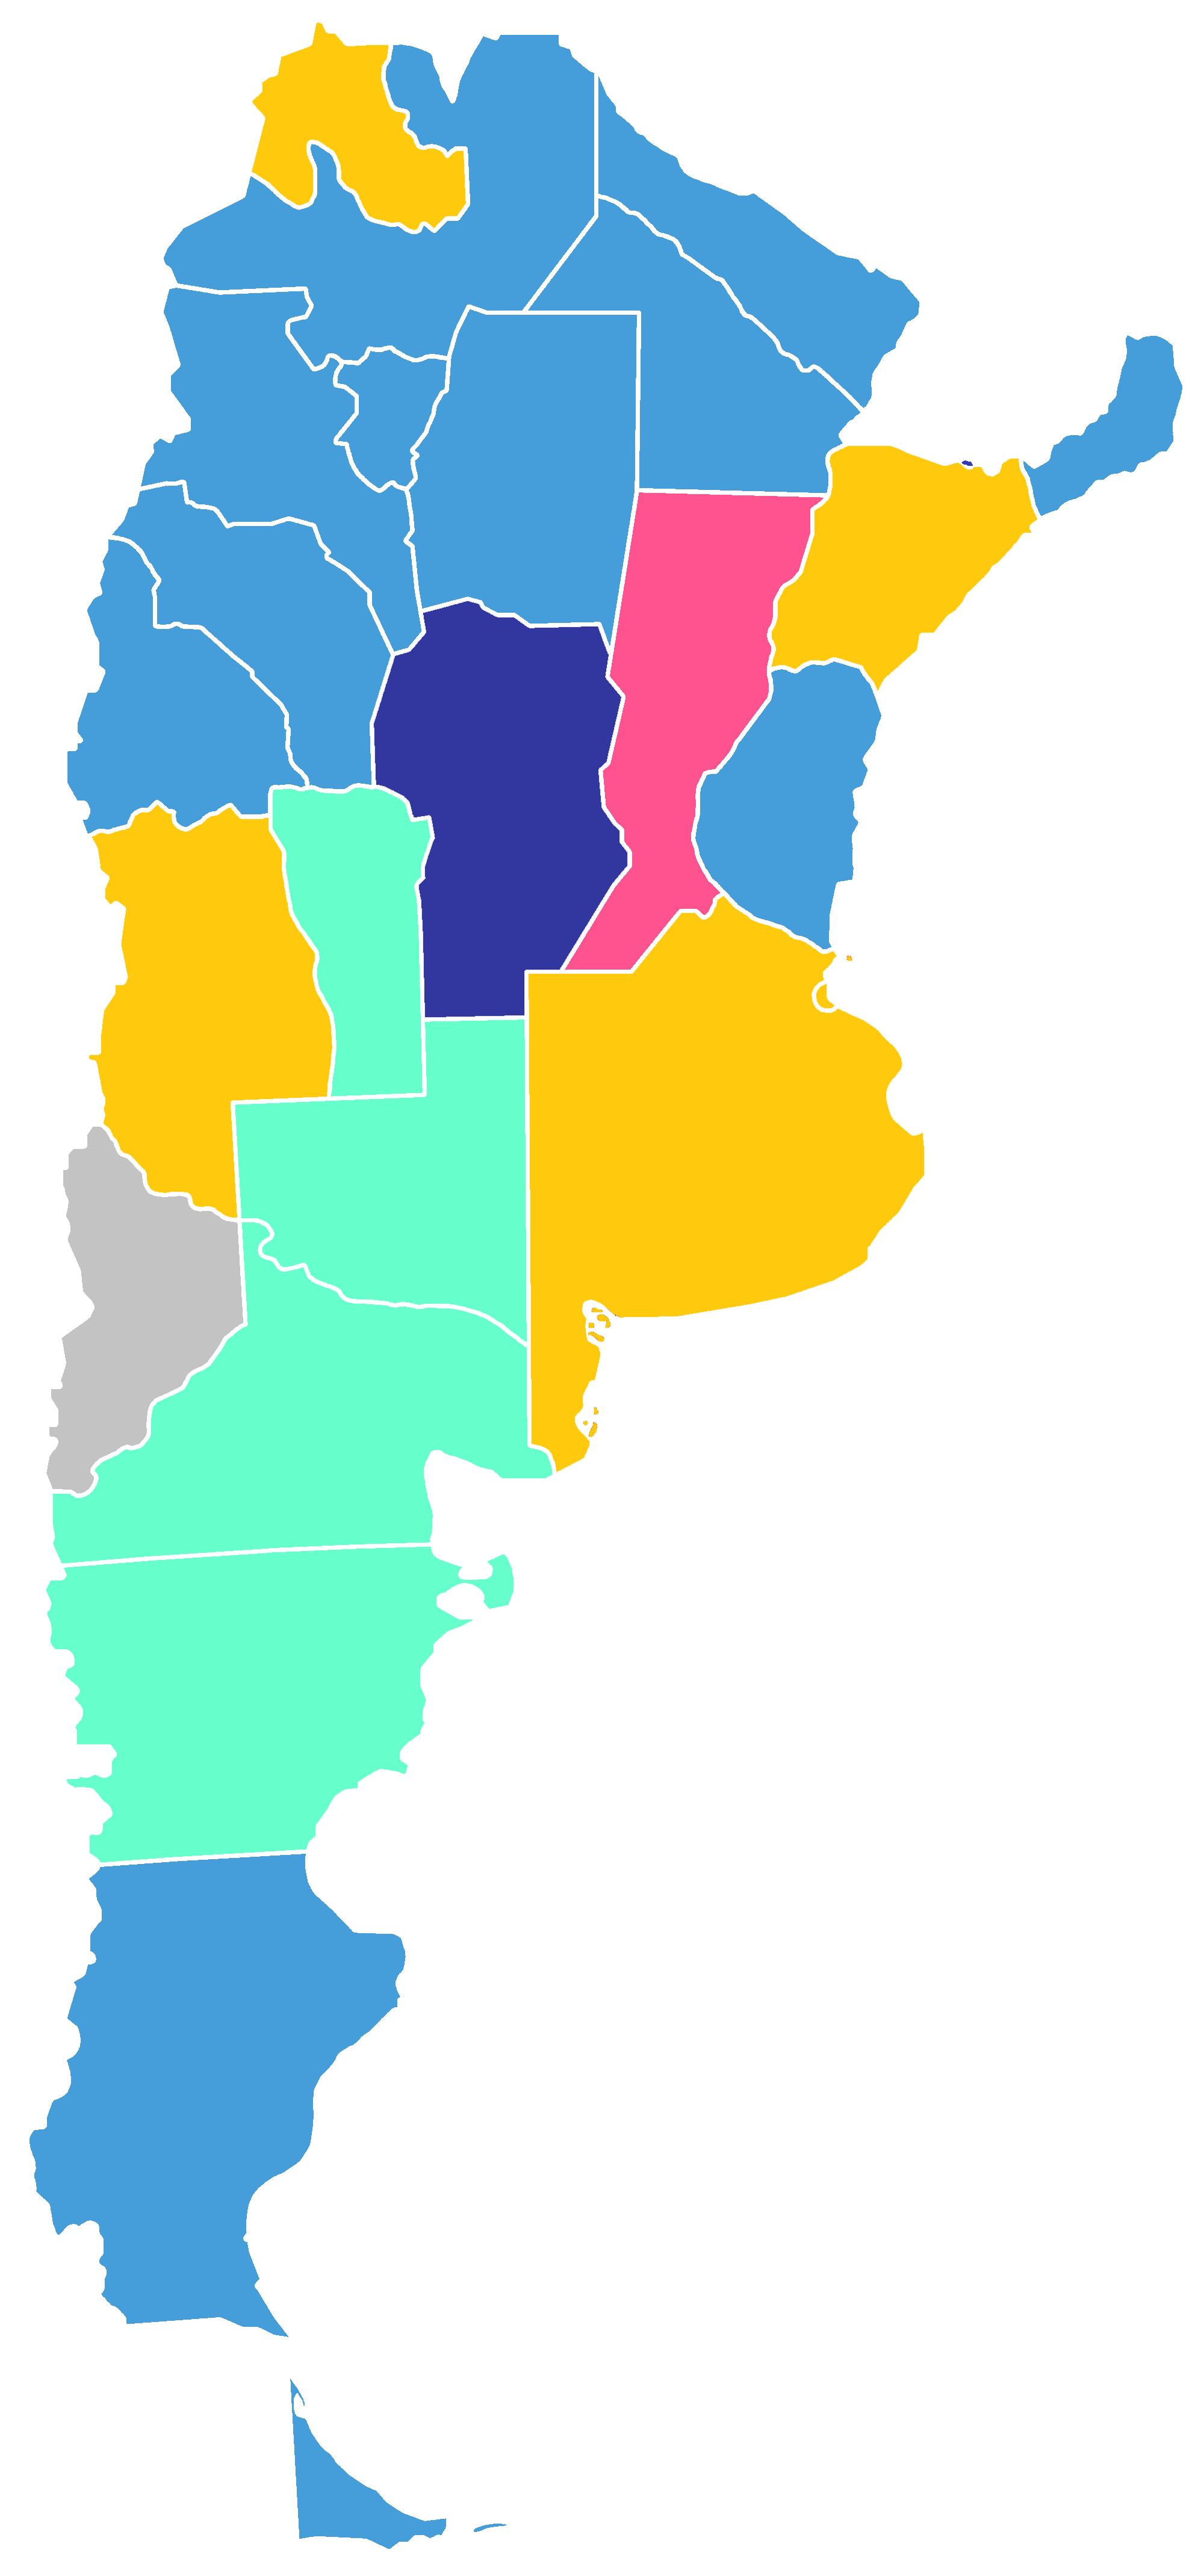 Mapa De Elecciones 2015.File Mapa De Las Elecciones Gobernadores Argentinas 2015 Png